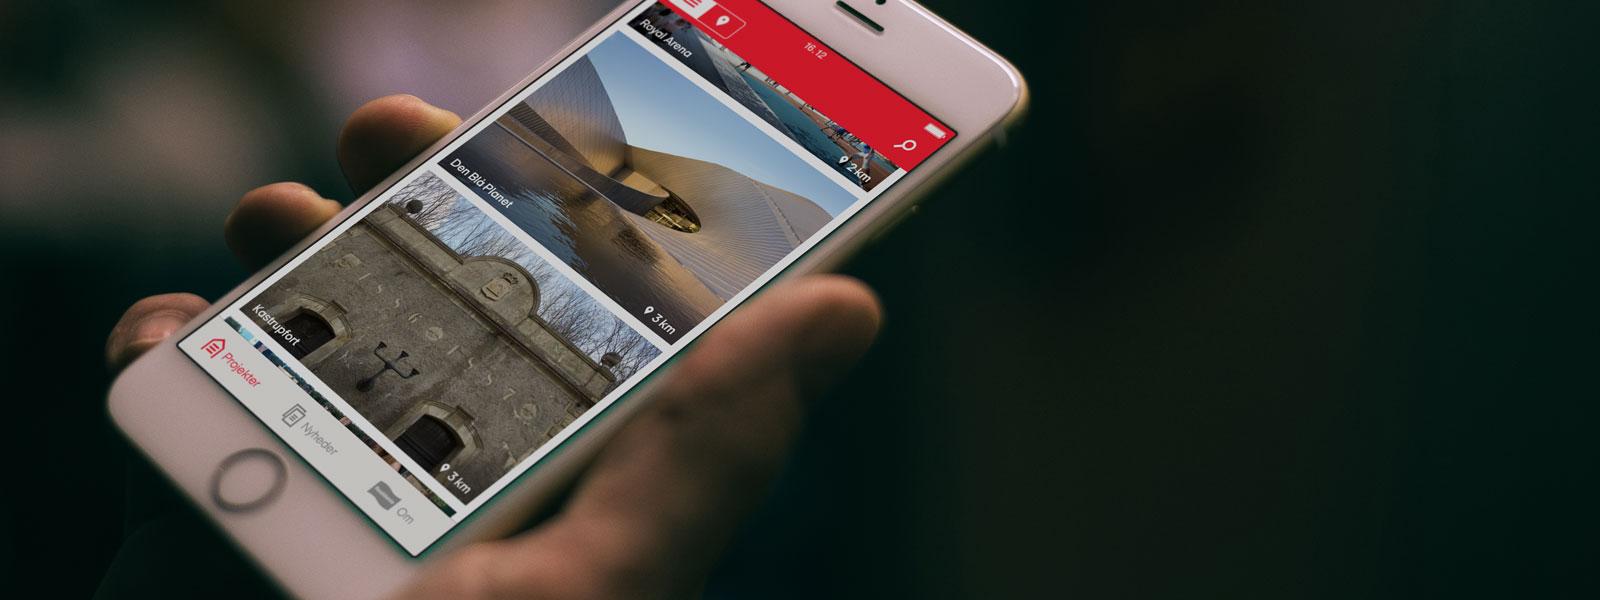 Opdaterede apps fra Greener Pastures: Interne platforme og forretningsapps